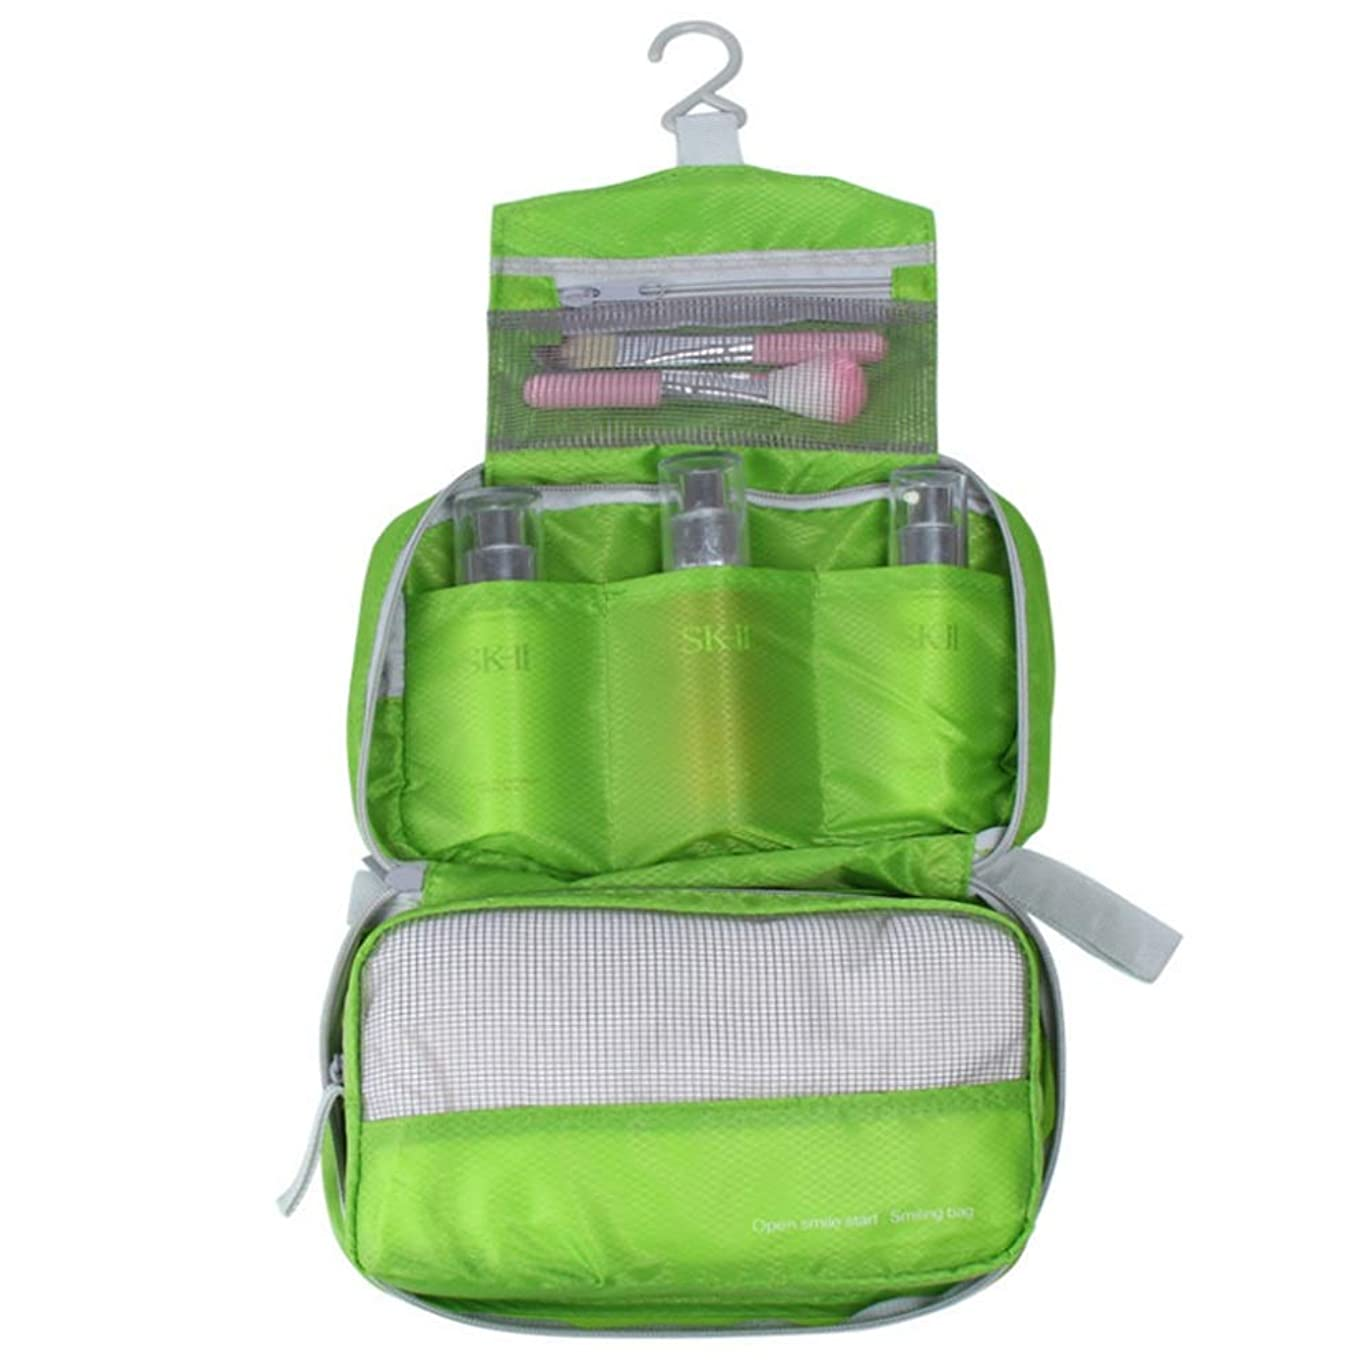 ヘア千神秘的な化粧オーガナイザーバッグ 化粧品のバッグは、防水、ハンガー、旅行メッシュとジップコンパートメントのウォッシュバッグです。 化粧品ケース (色 : 緑)